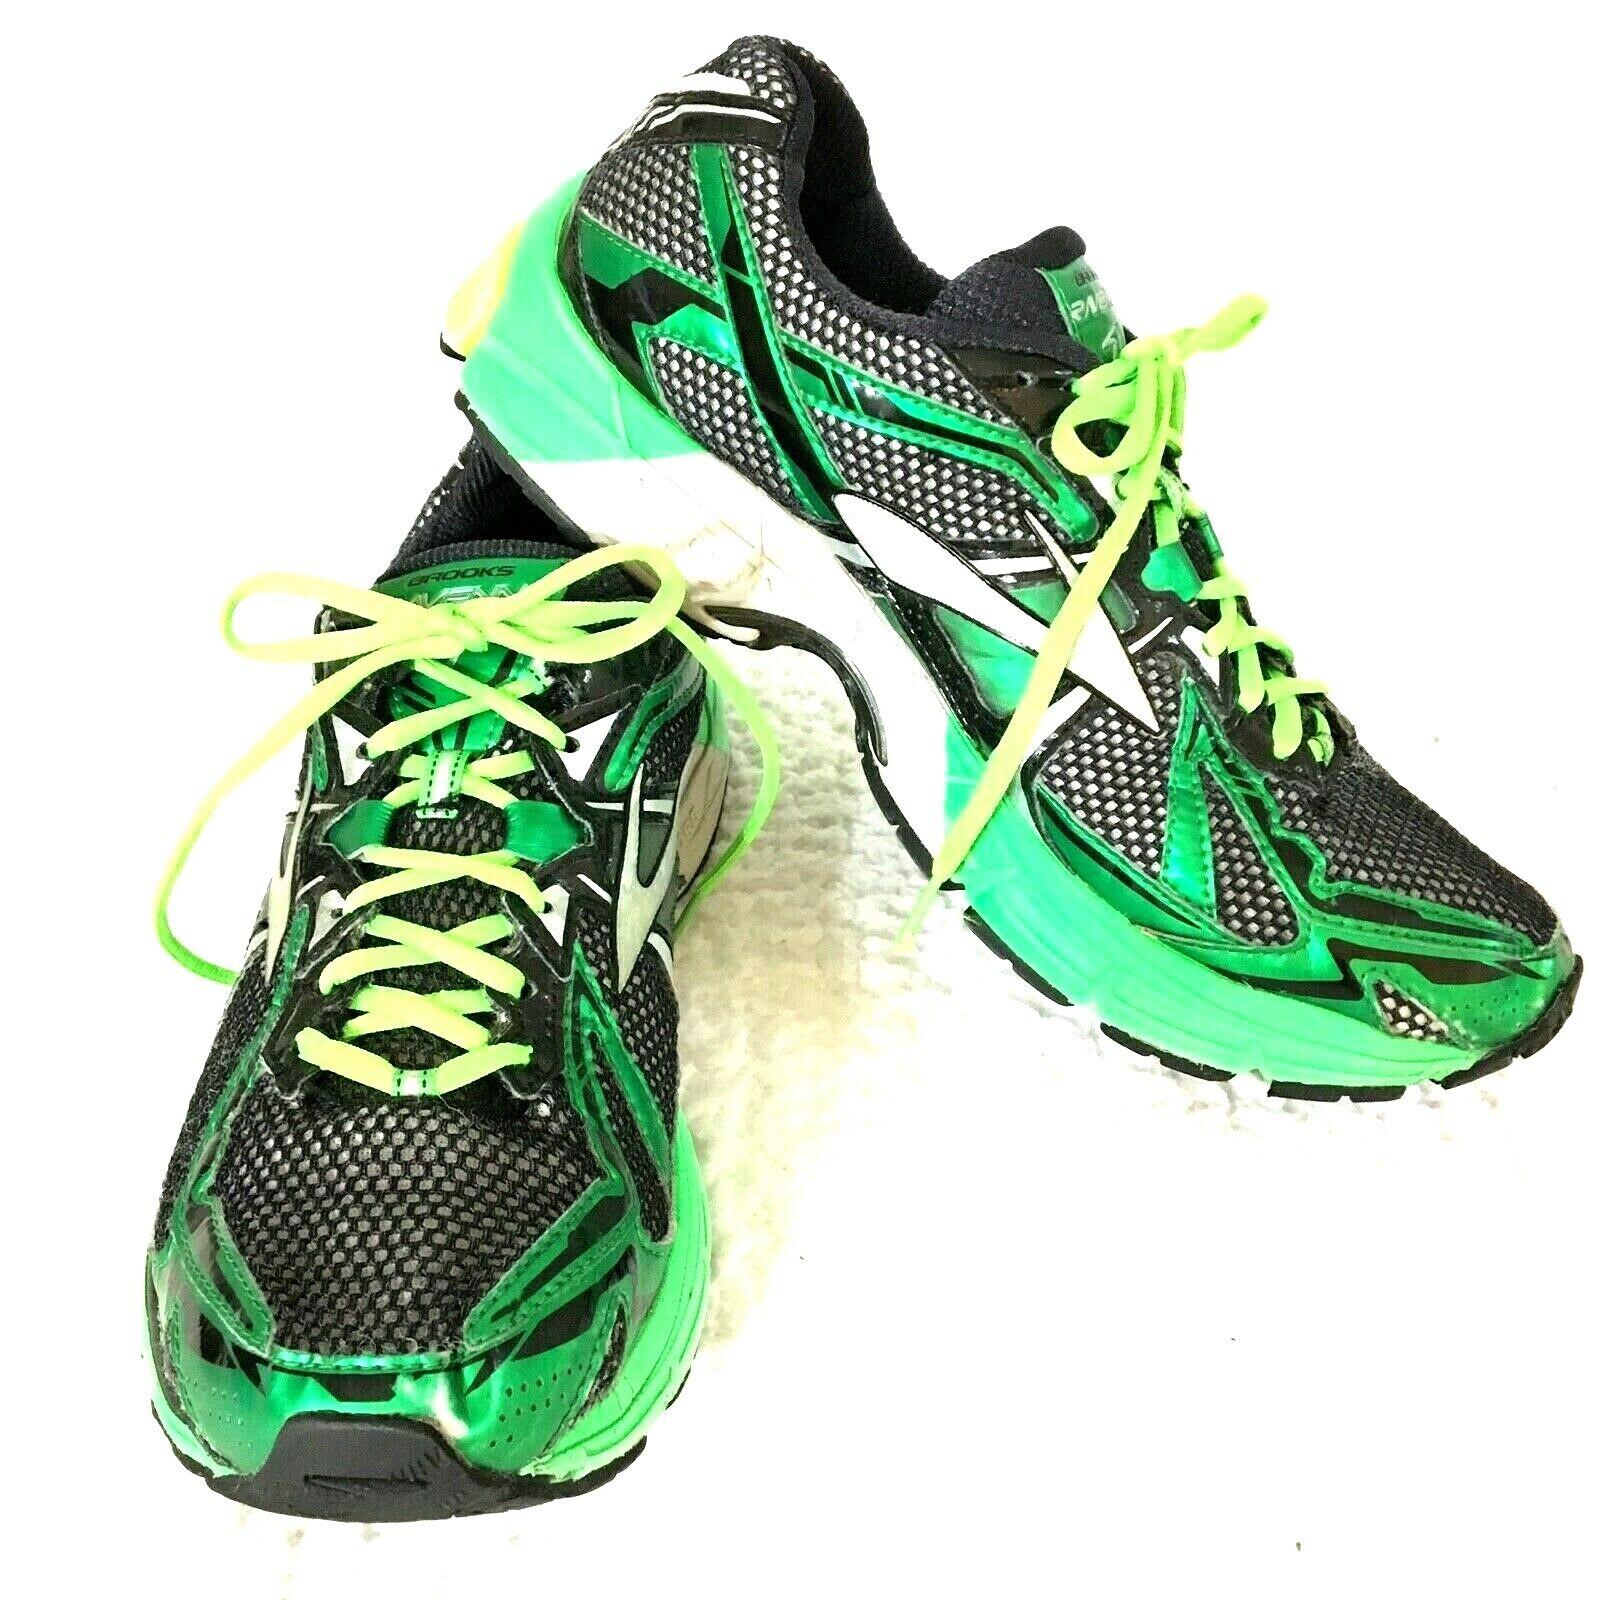 Brooks Ravenna 4 Para Hombre Zapatillas Para Correr Talla 11.5 Negro verde Amarillo 1102311D876 DNA